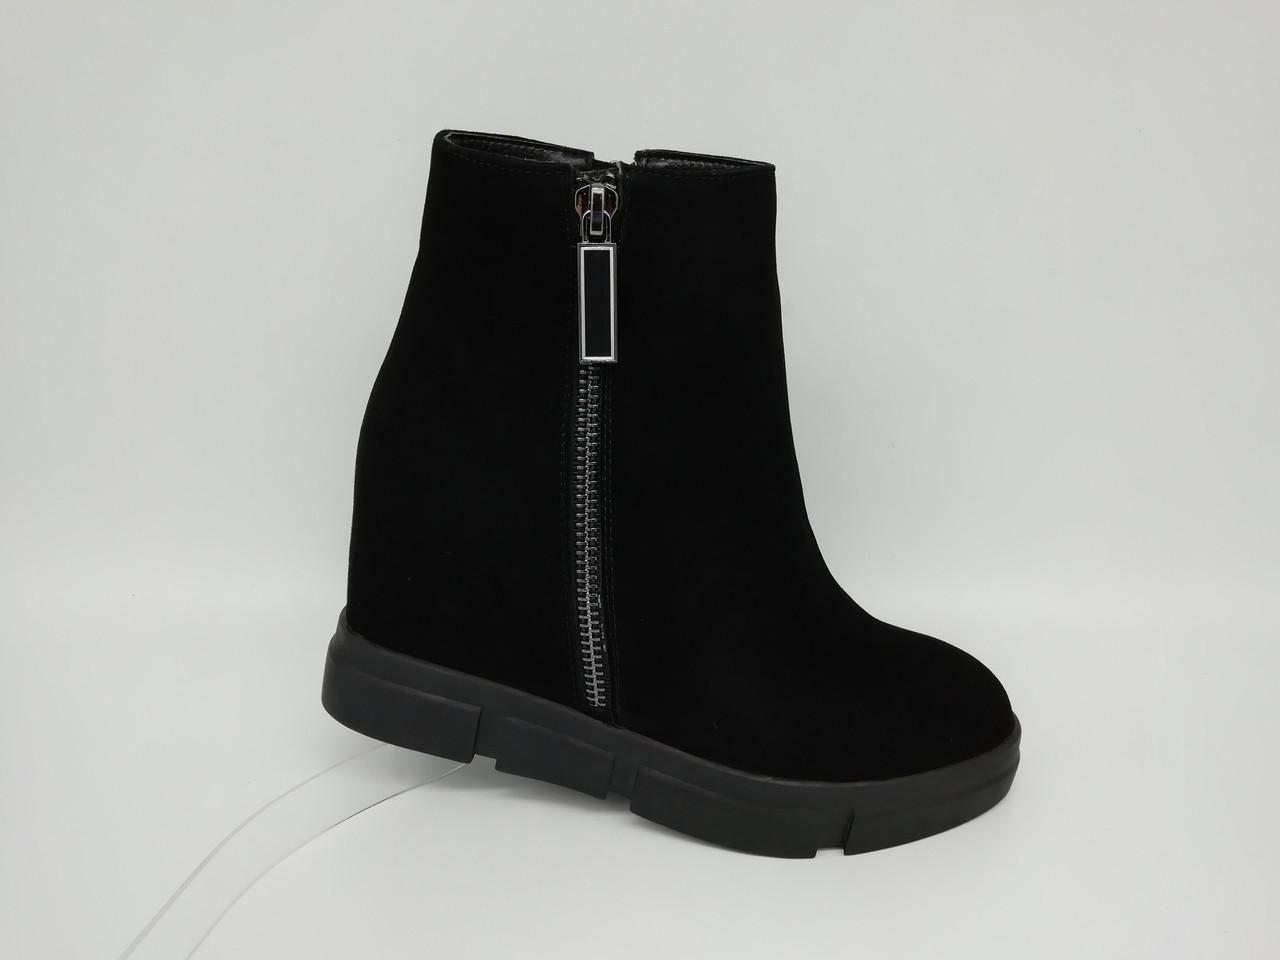 Черные замшевые ботинки Еrisses на скрытой танкетке. Маленькие размеры (33 - 35).